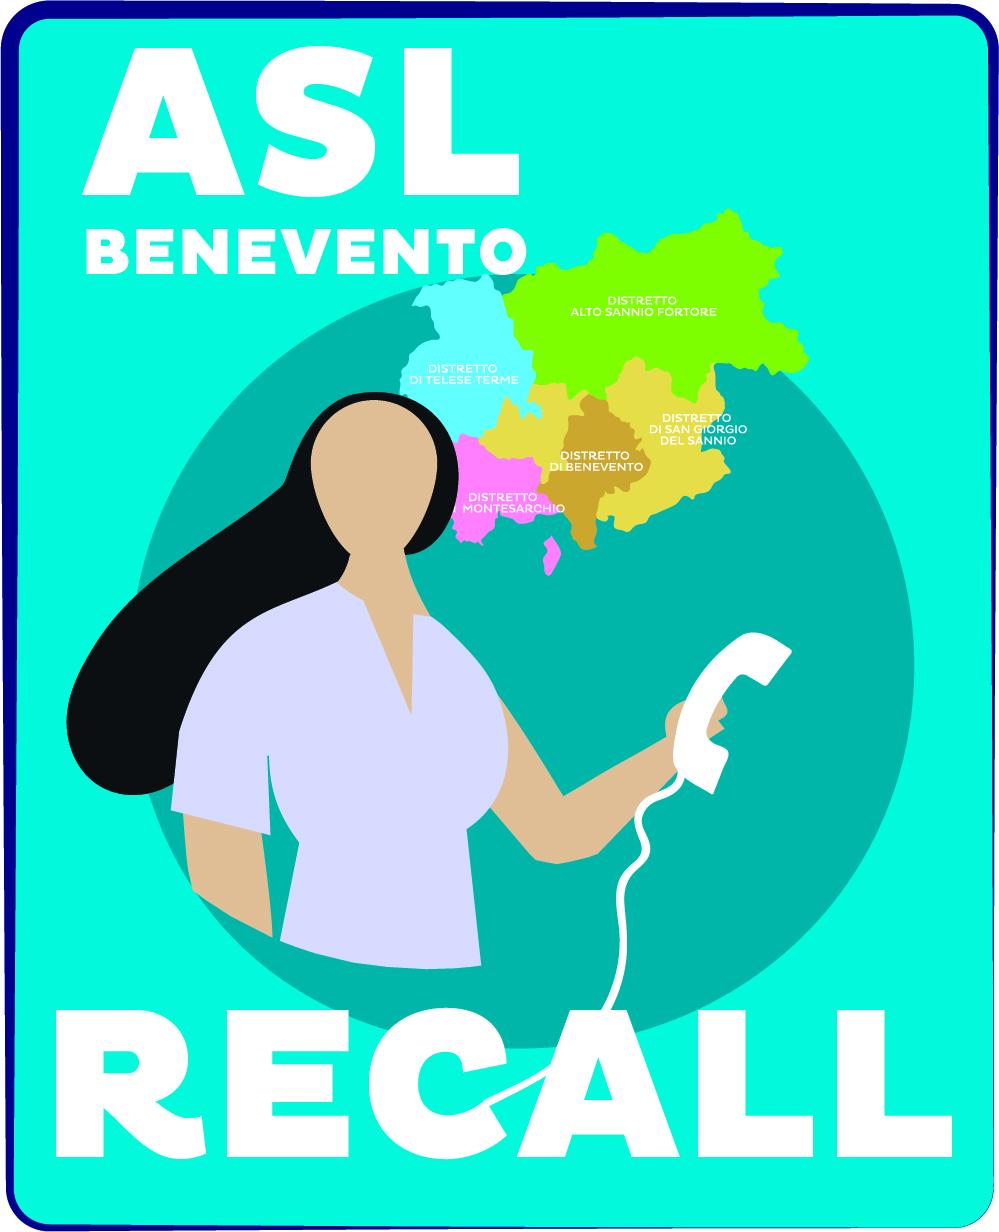 L'ASL di Benevento attiva il Servizio Recall